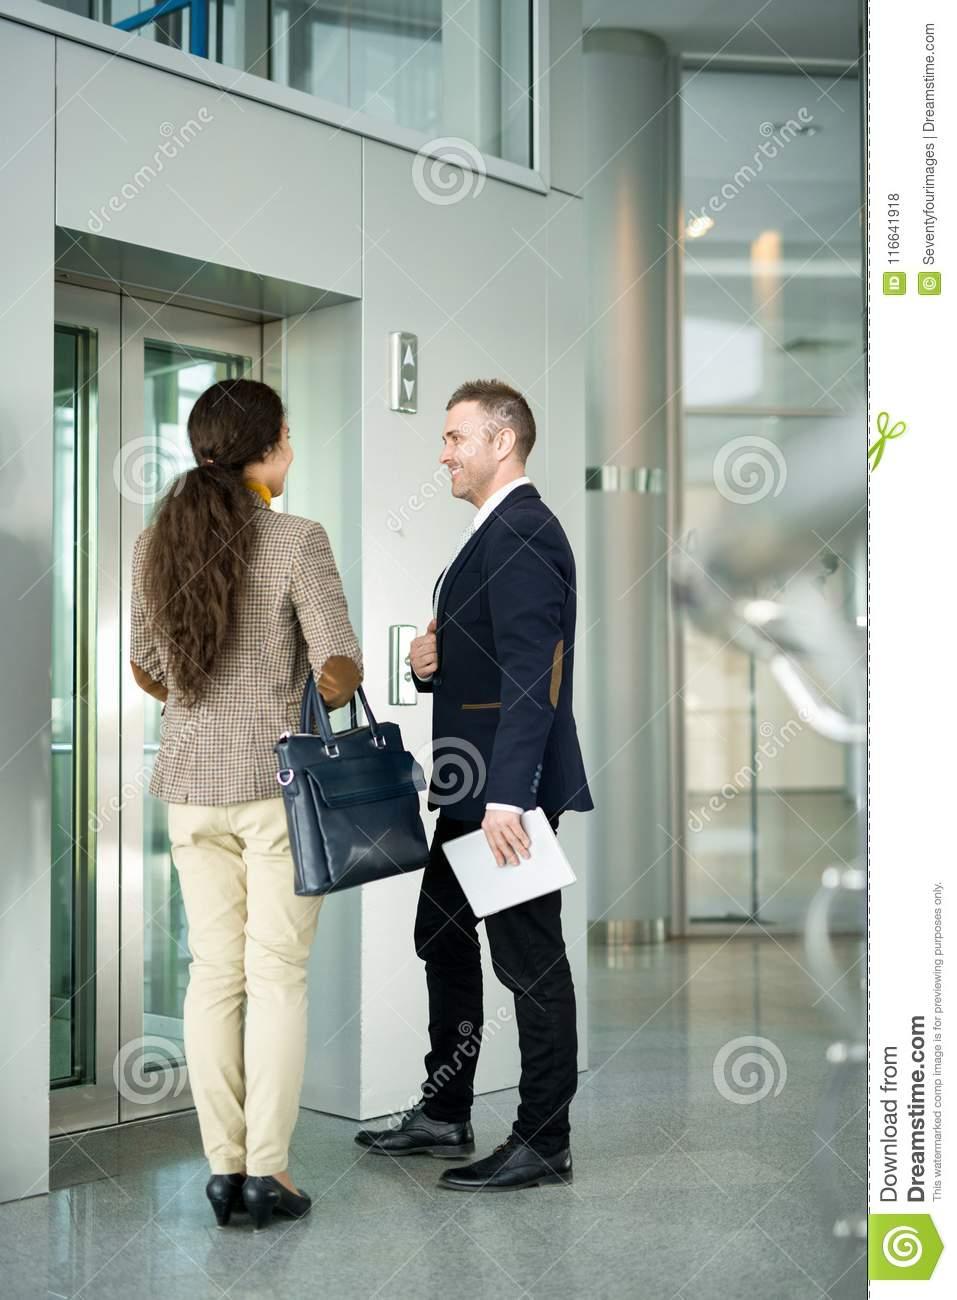 معرفی آسانسوری (Elevator Speech) چیست ؟